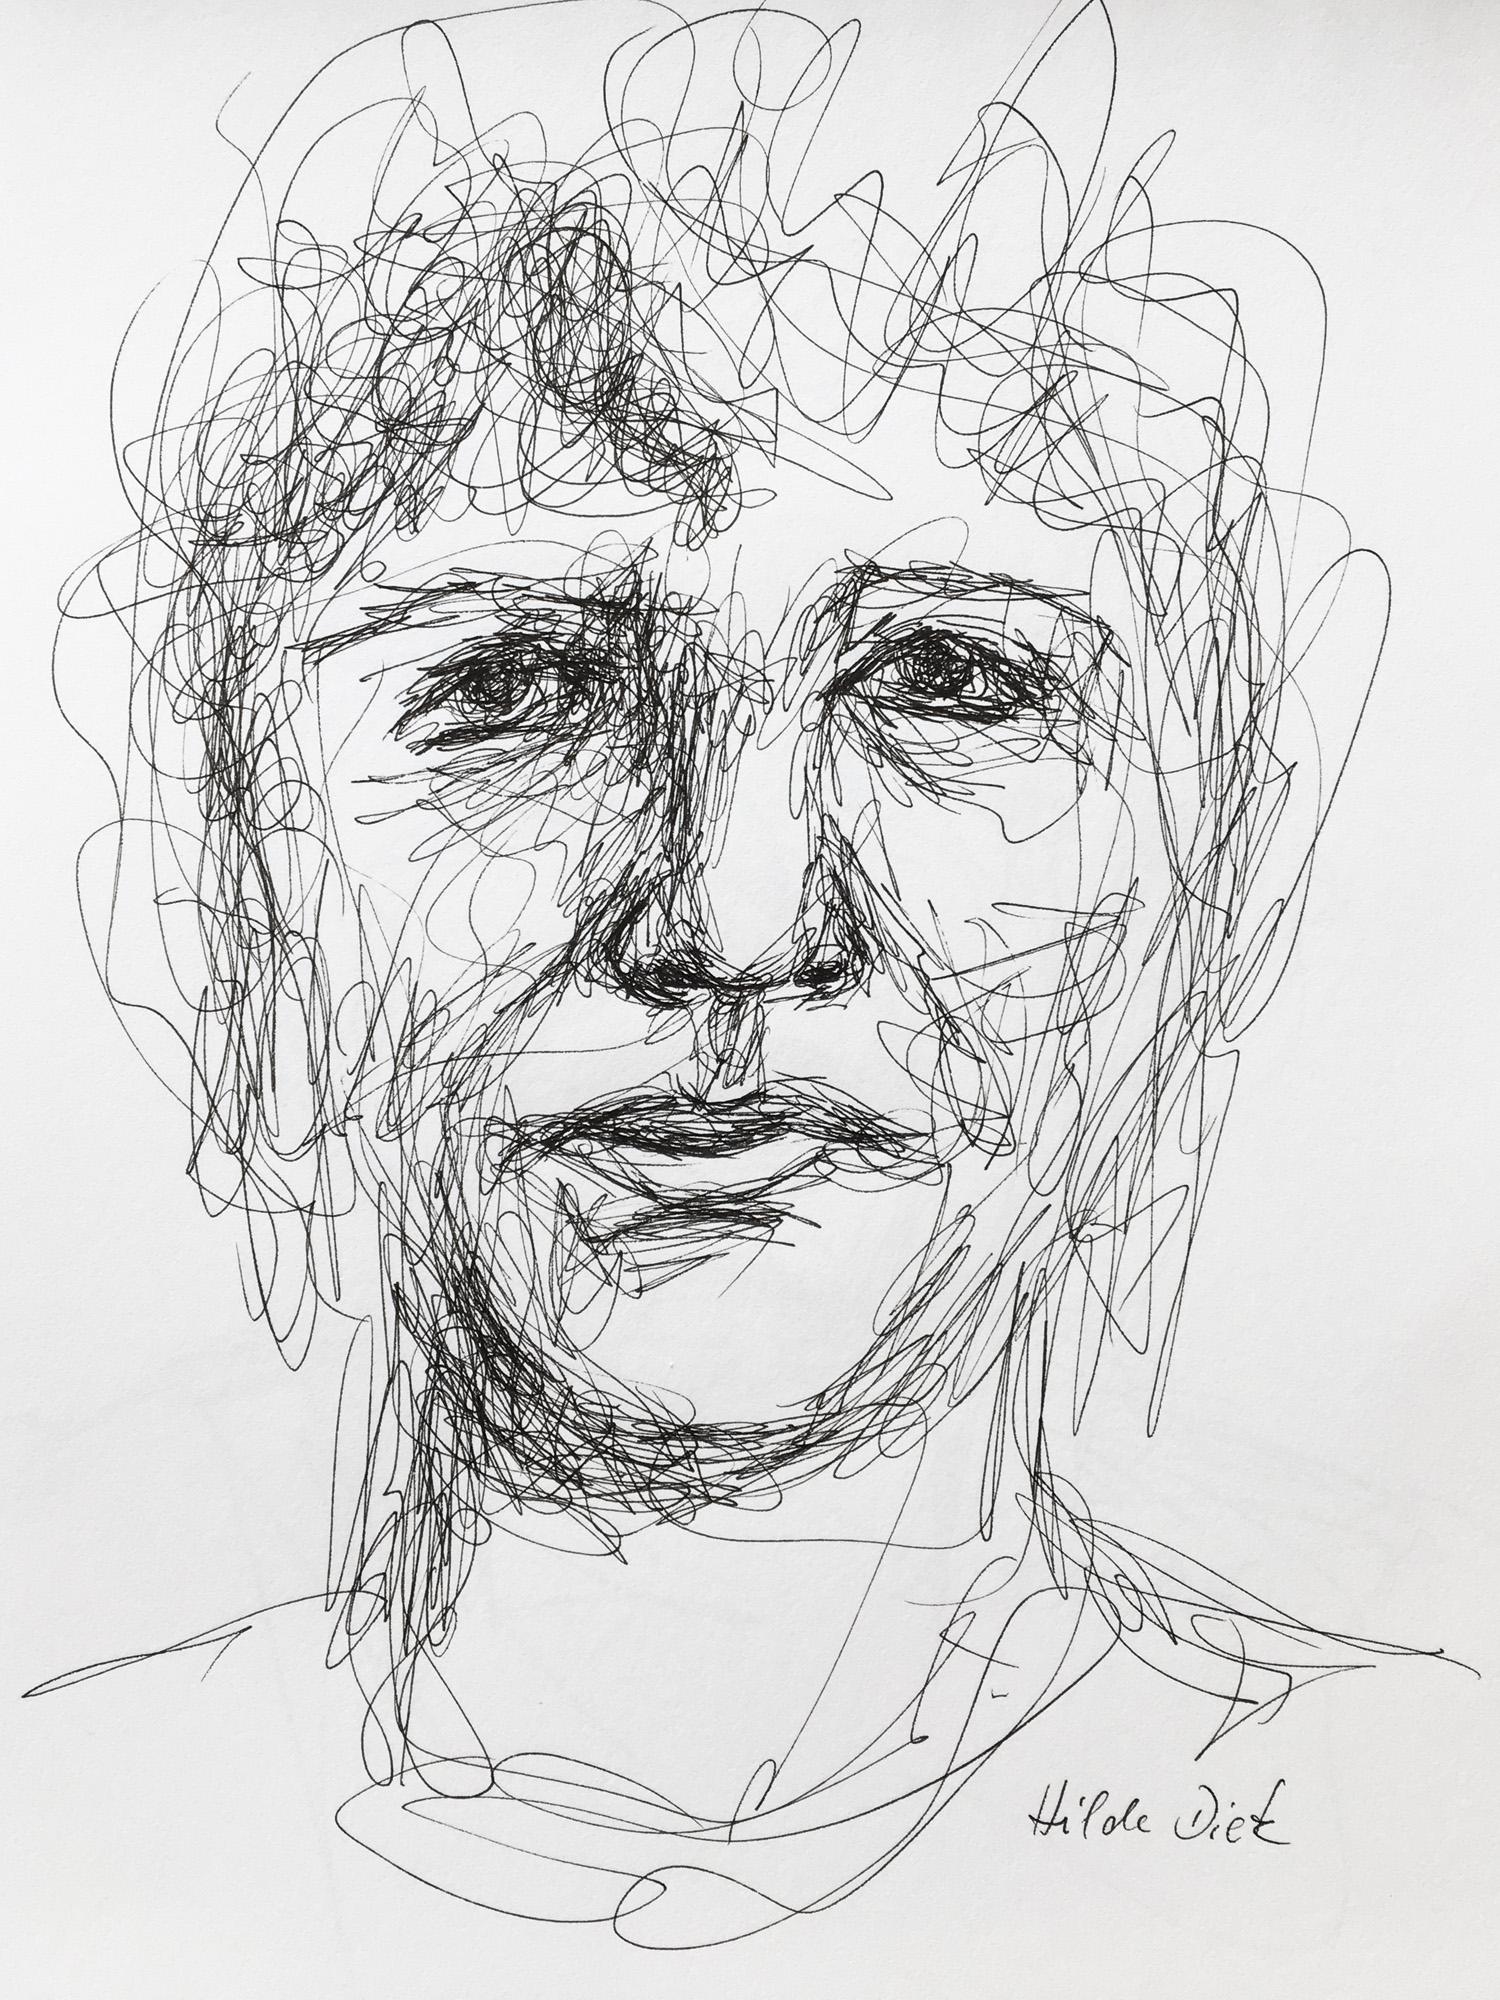 Hilde_Dietz_Menschenbilder_Zeichnung_Skizzen_2_04.jpg